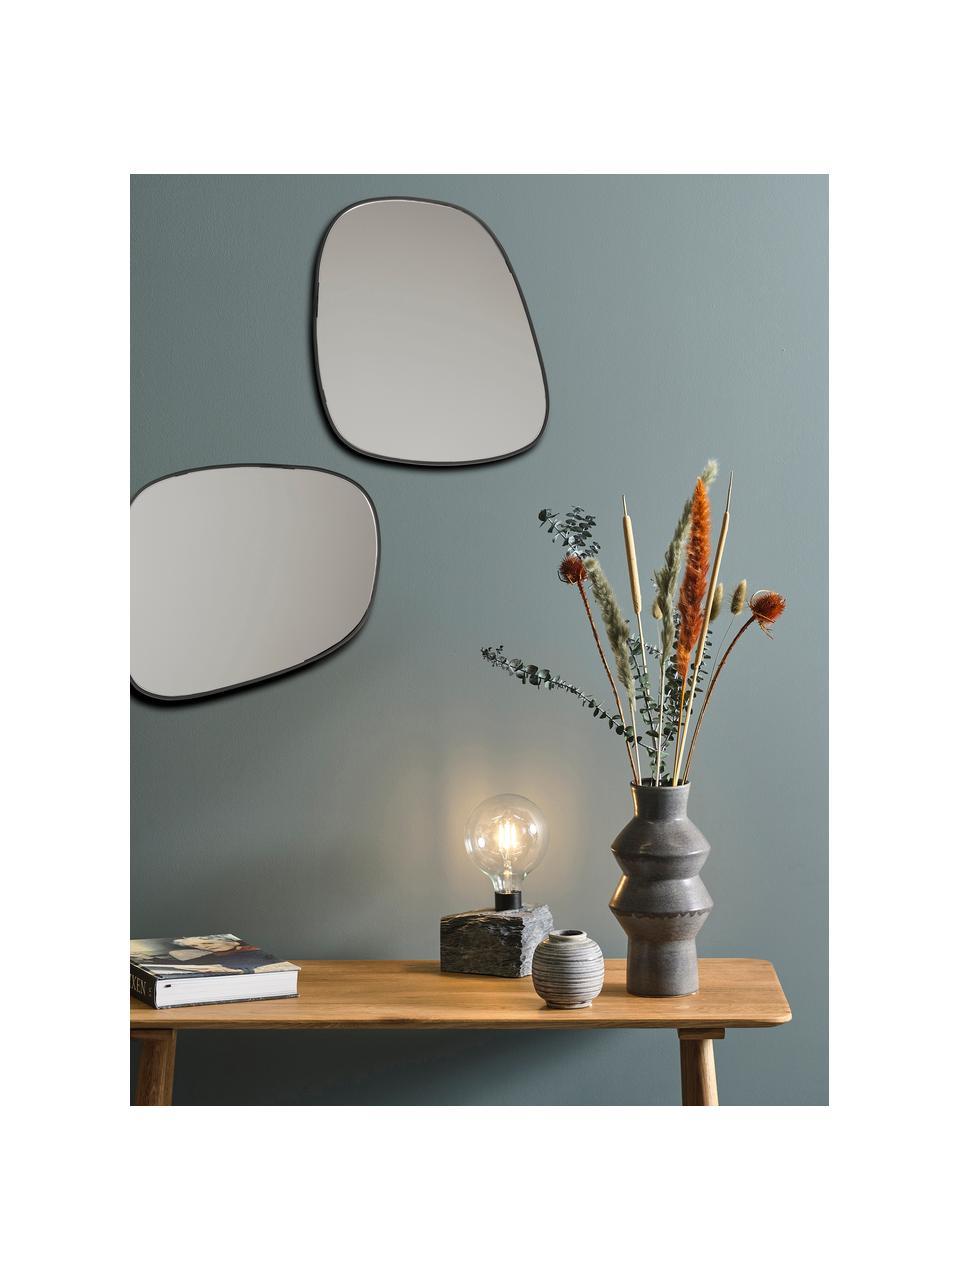 Moderner Wandspiegel Tony mit Metallrahmen, Rahmen: Metall, beschichtet, Spiegelfläche: Spiegelglas, Schwarz, 43 x 50 cm